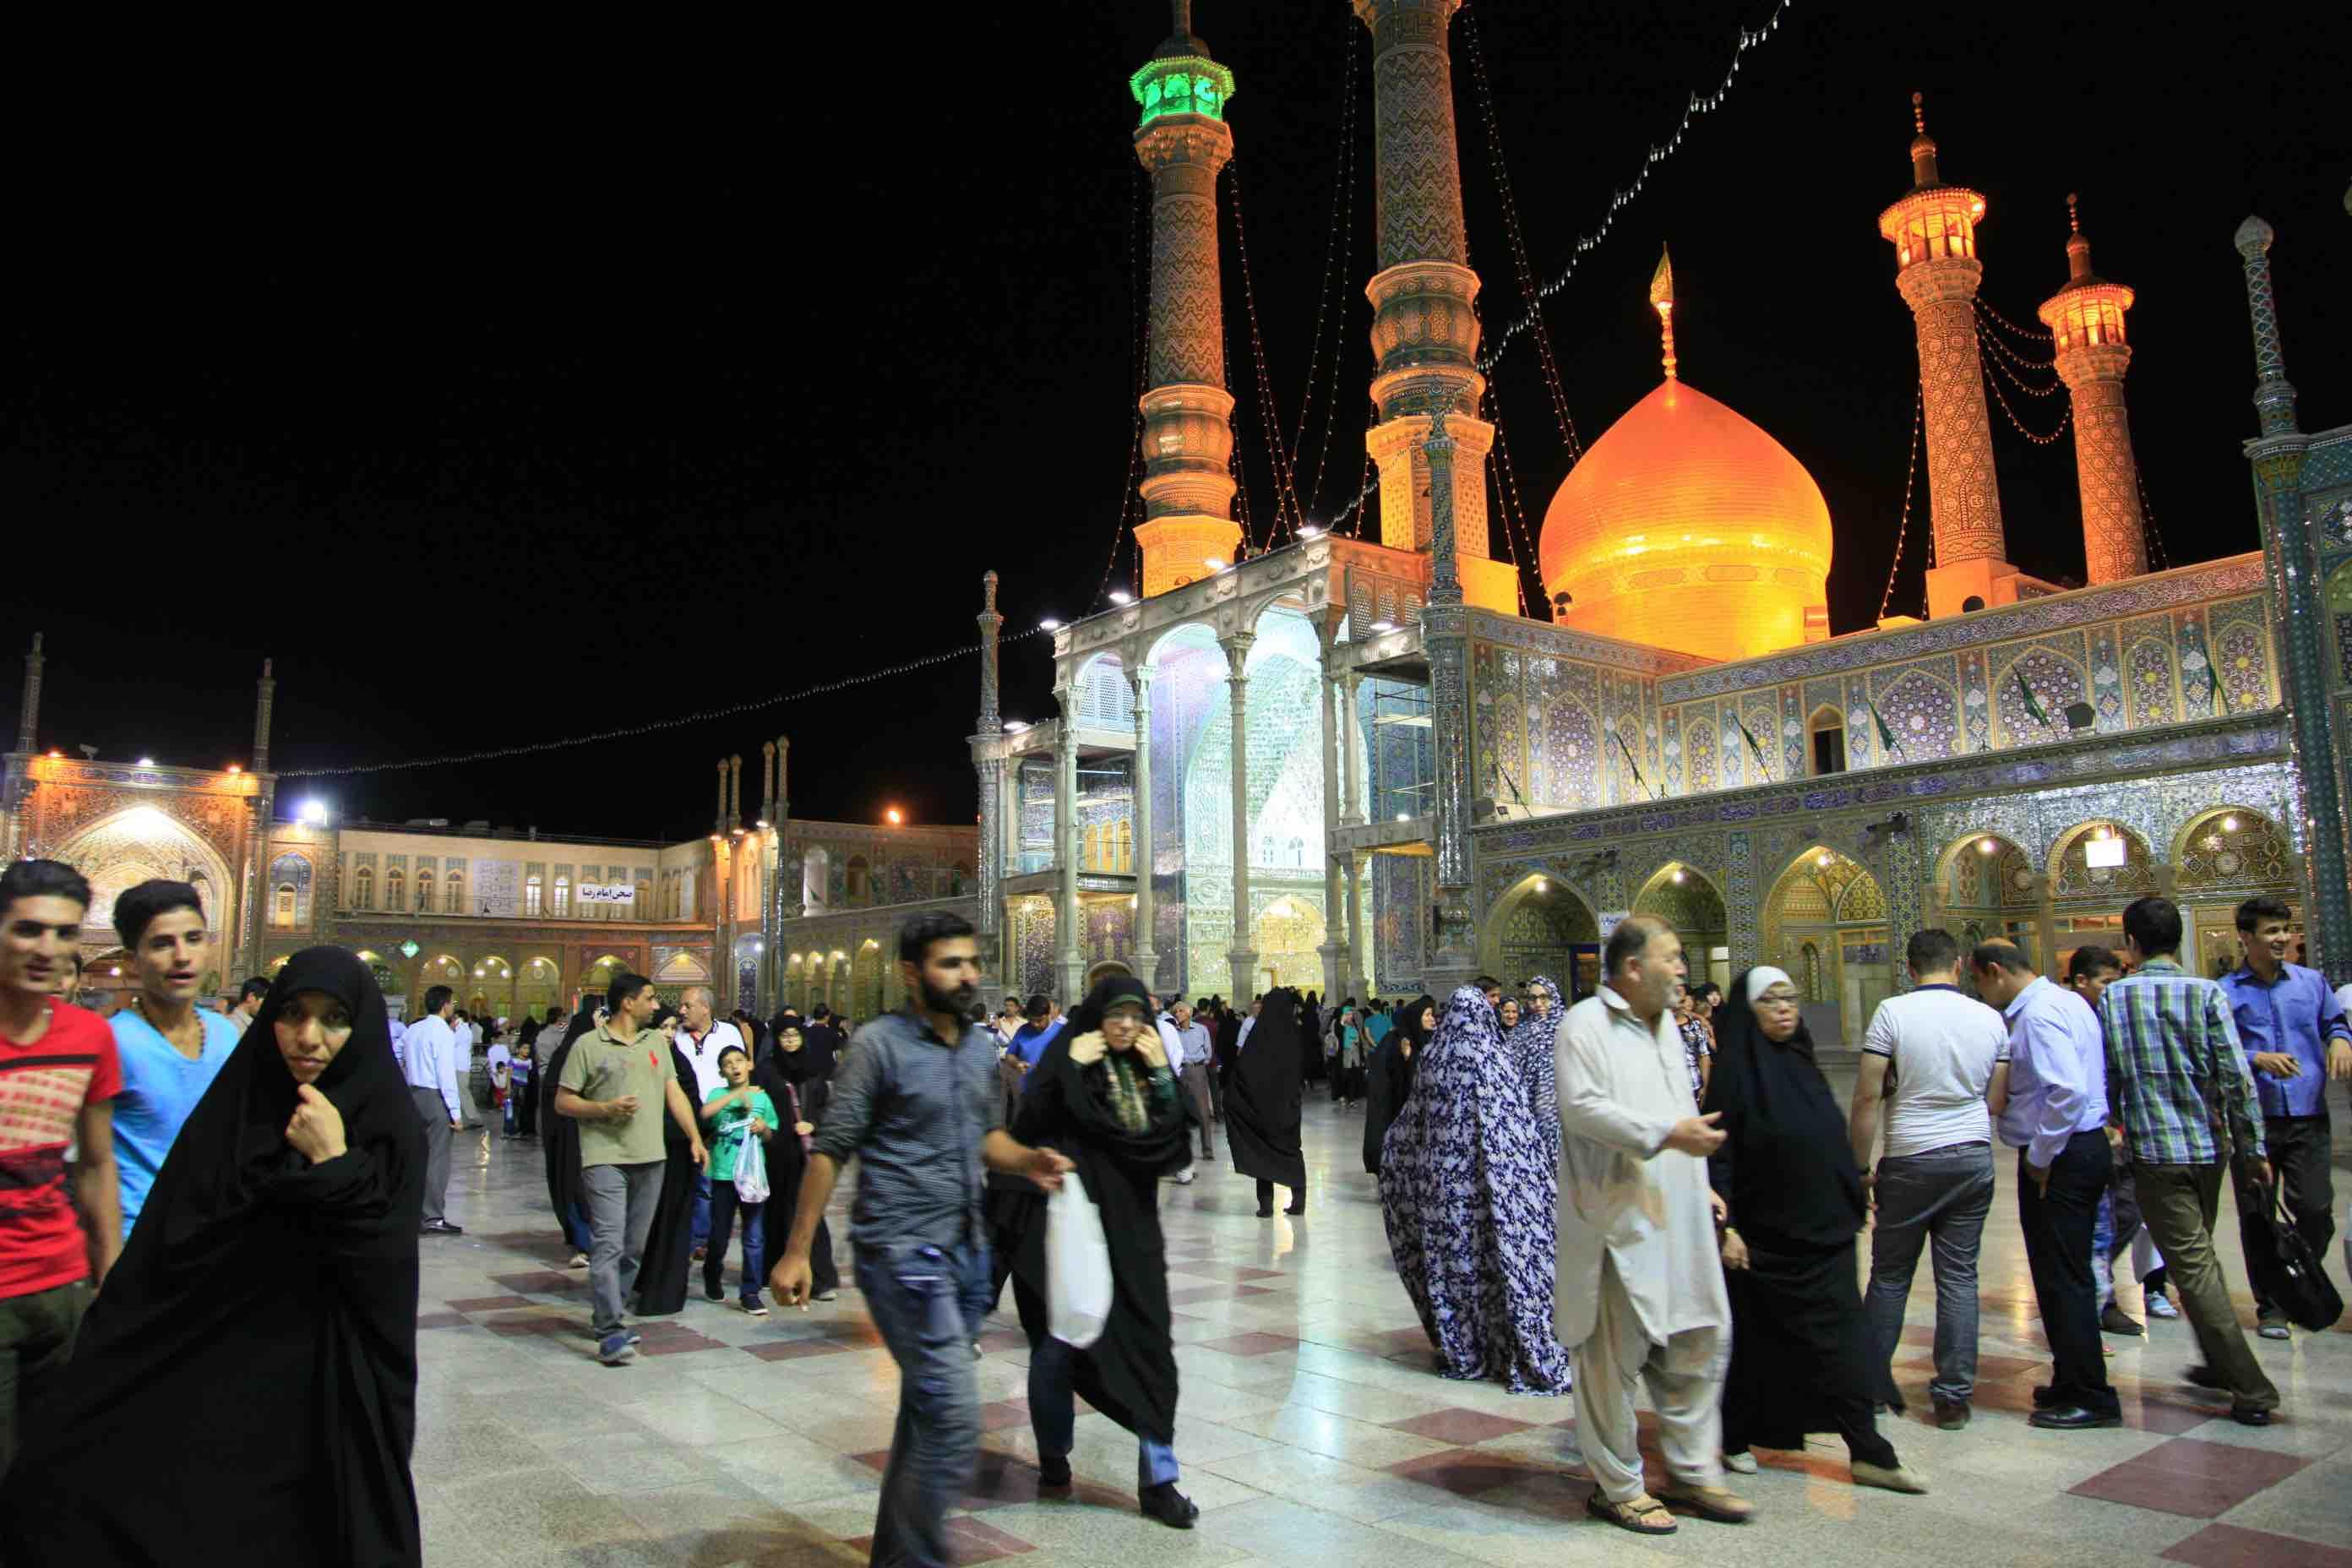 イランの聖地ゴム、ラマダン明けの集団礼拝